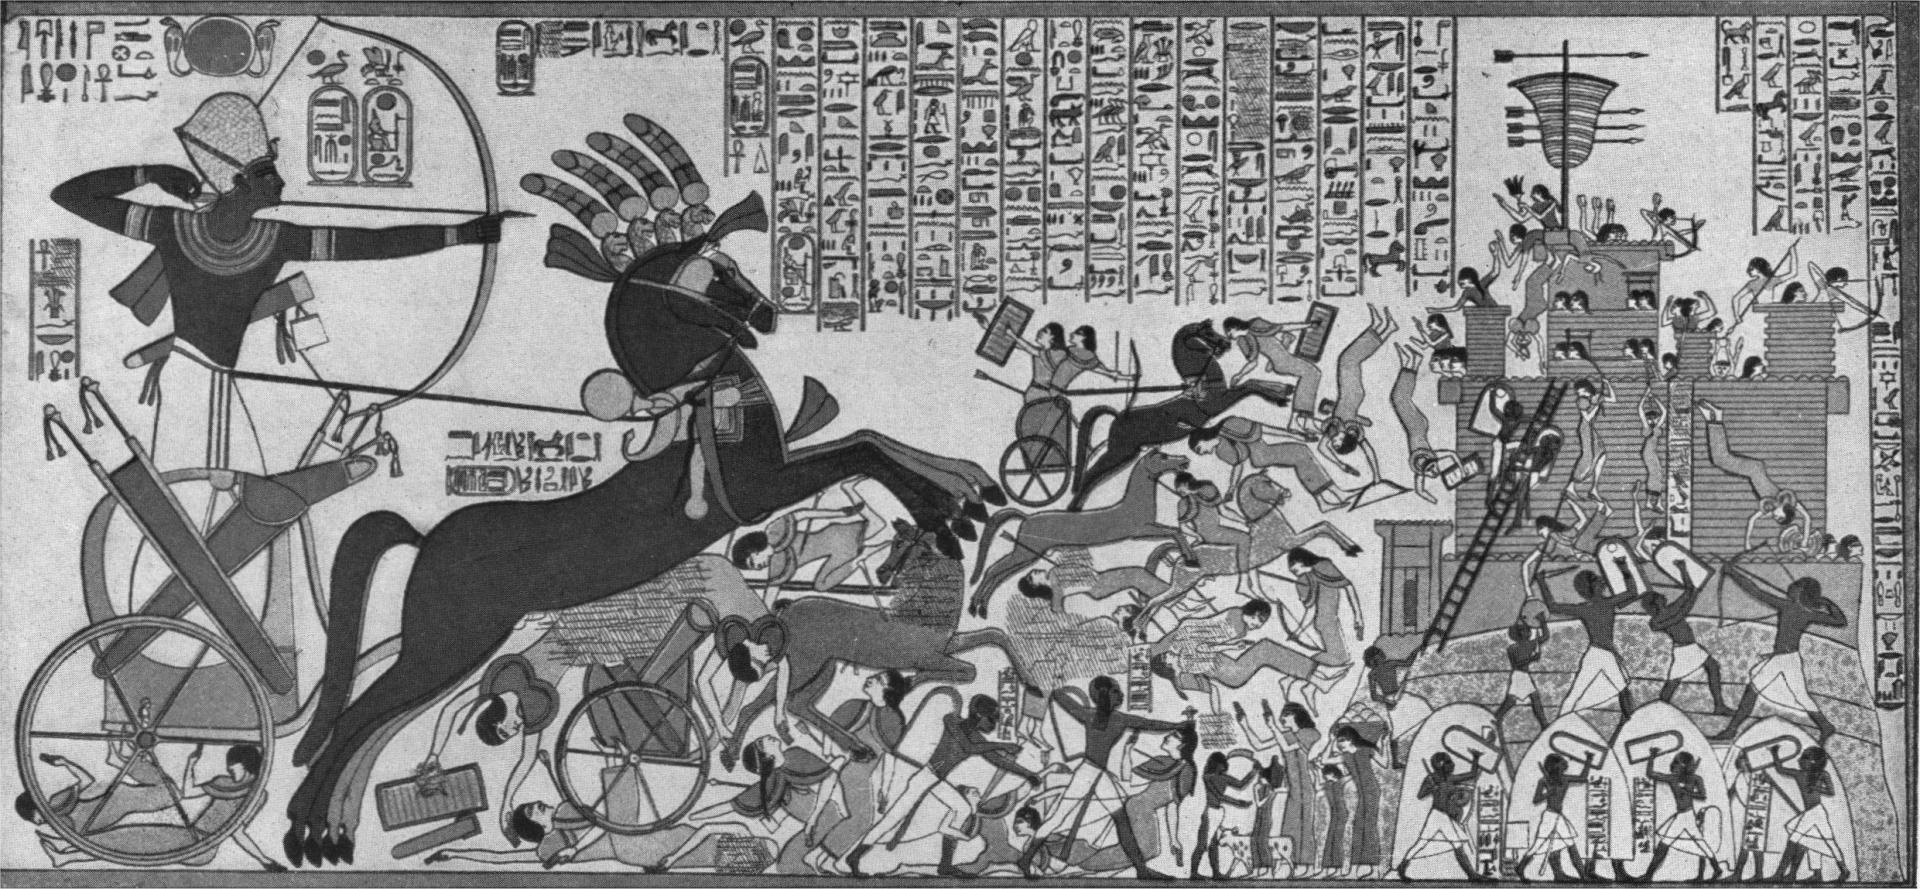 Și anticii aveau fake news-urile lor: bătălia pe care Ramses al II-lea nu a câștigat-o niciodată